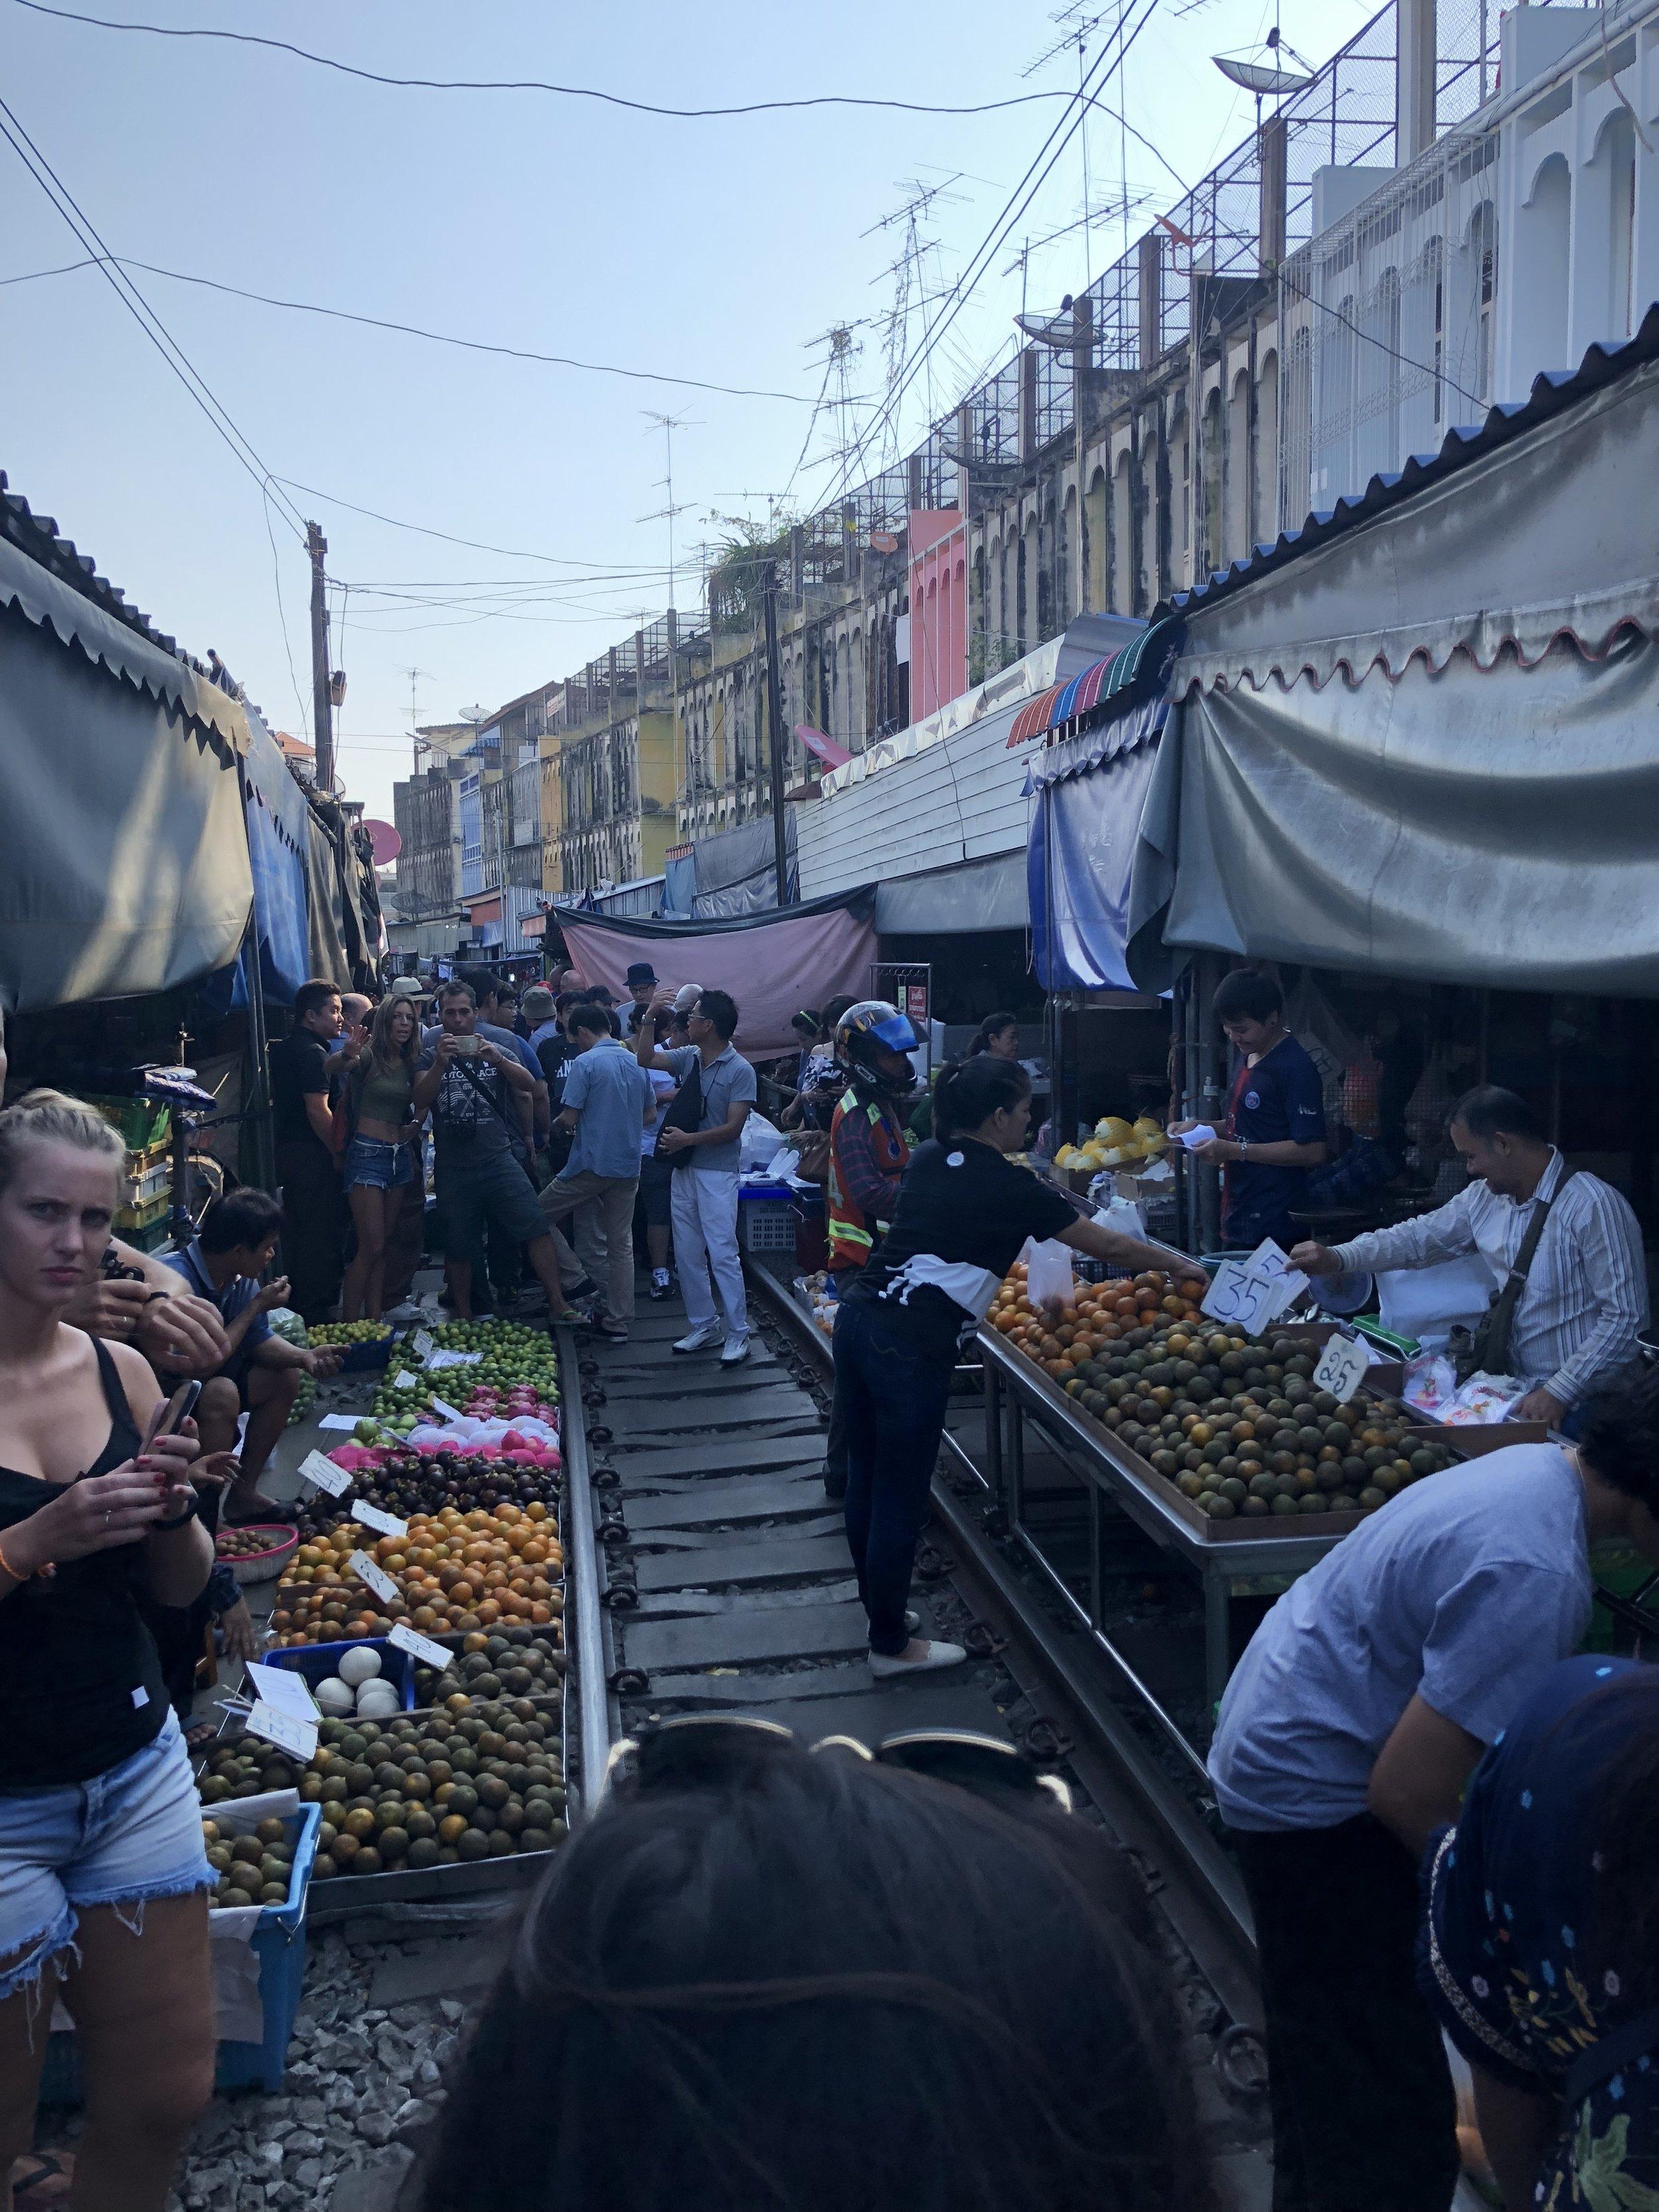 La vista del mercado encima de las vías del tren.